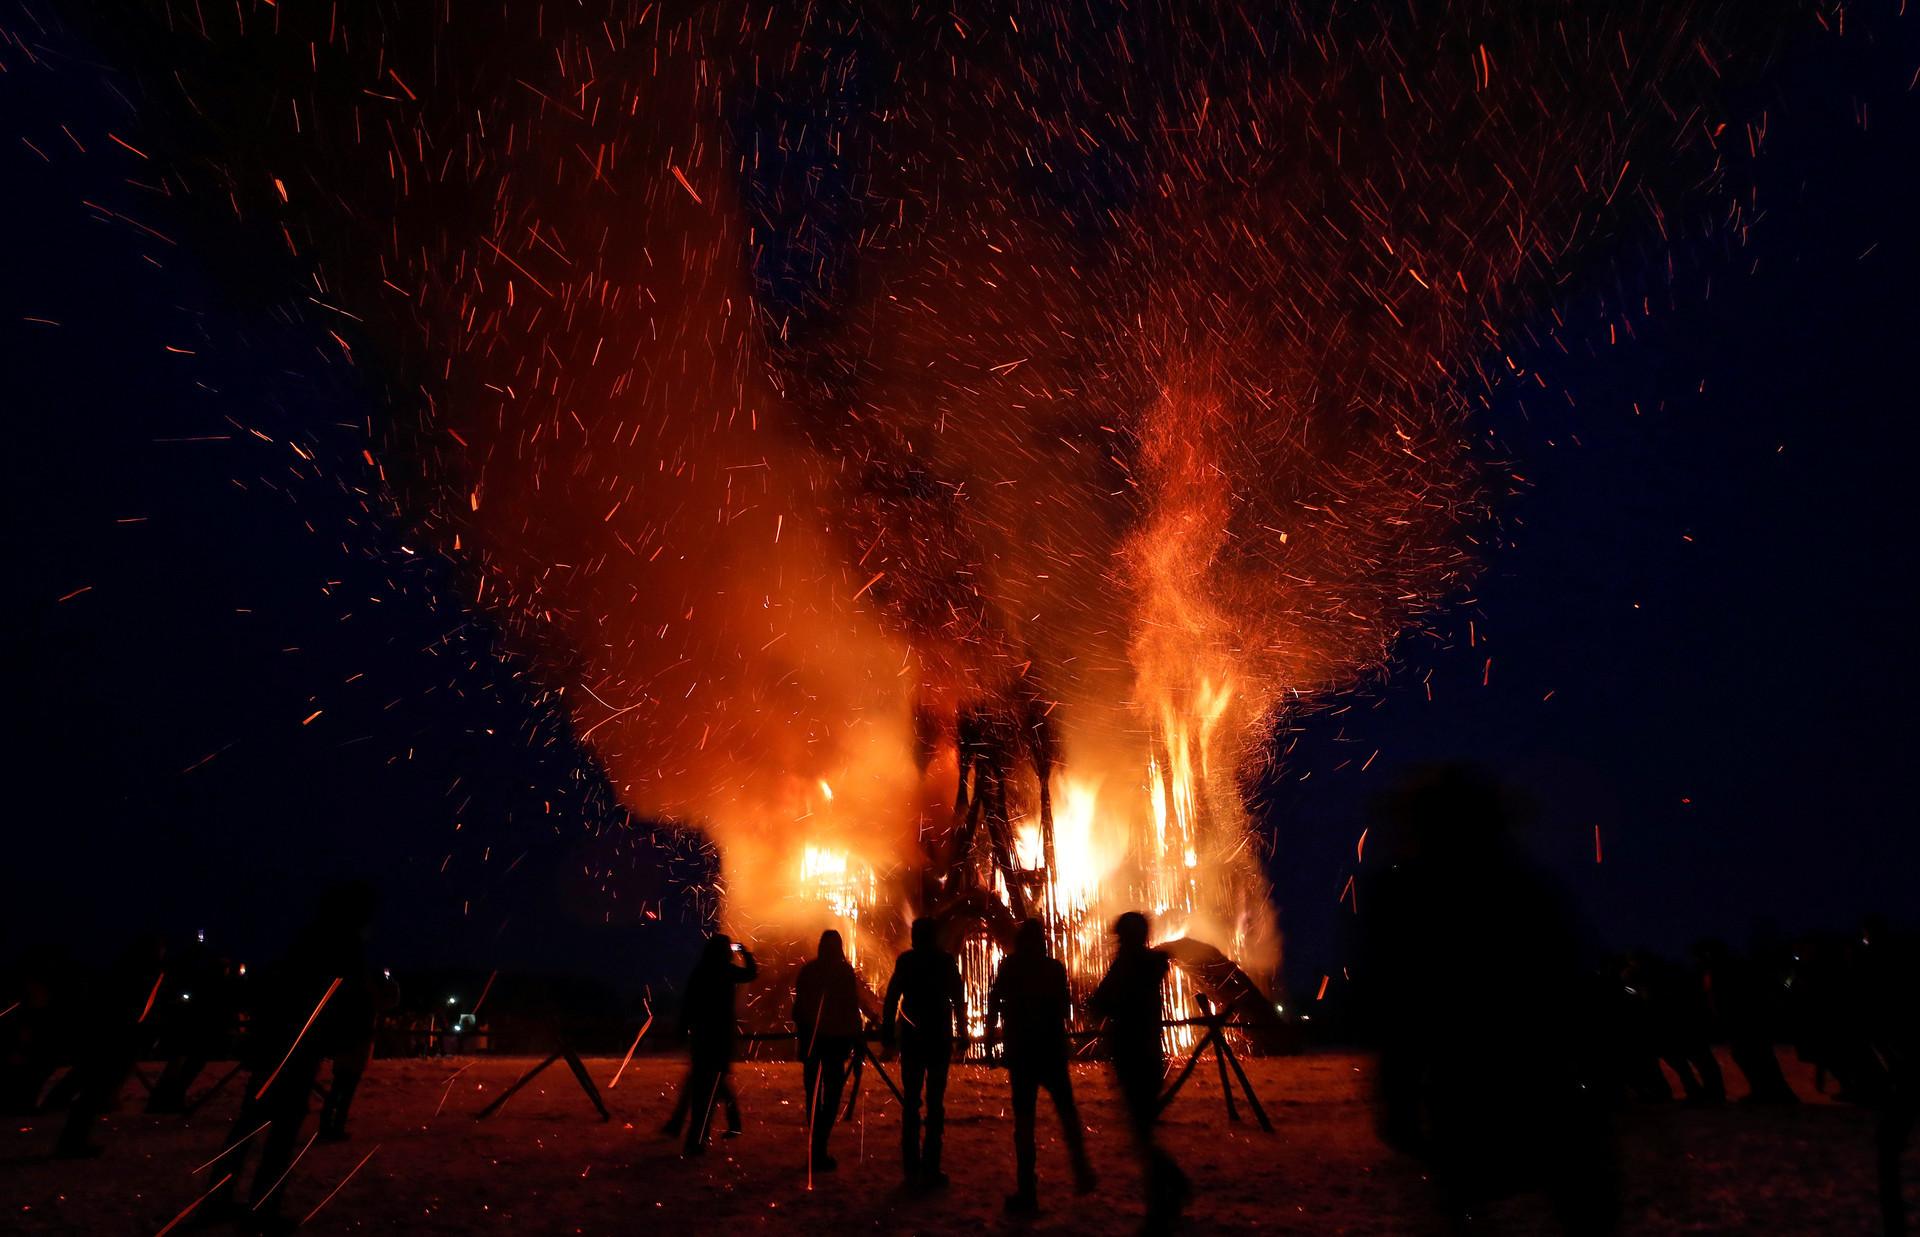 La estructura comenzó a arder en pocos segundos.